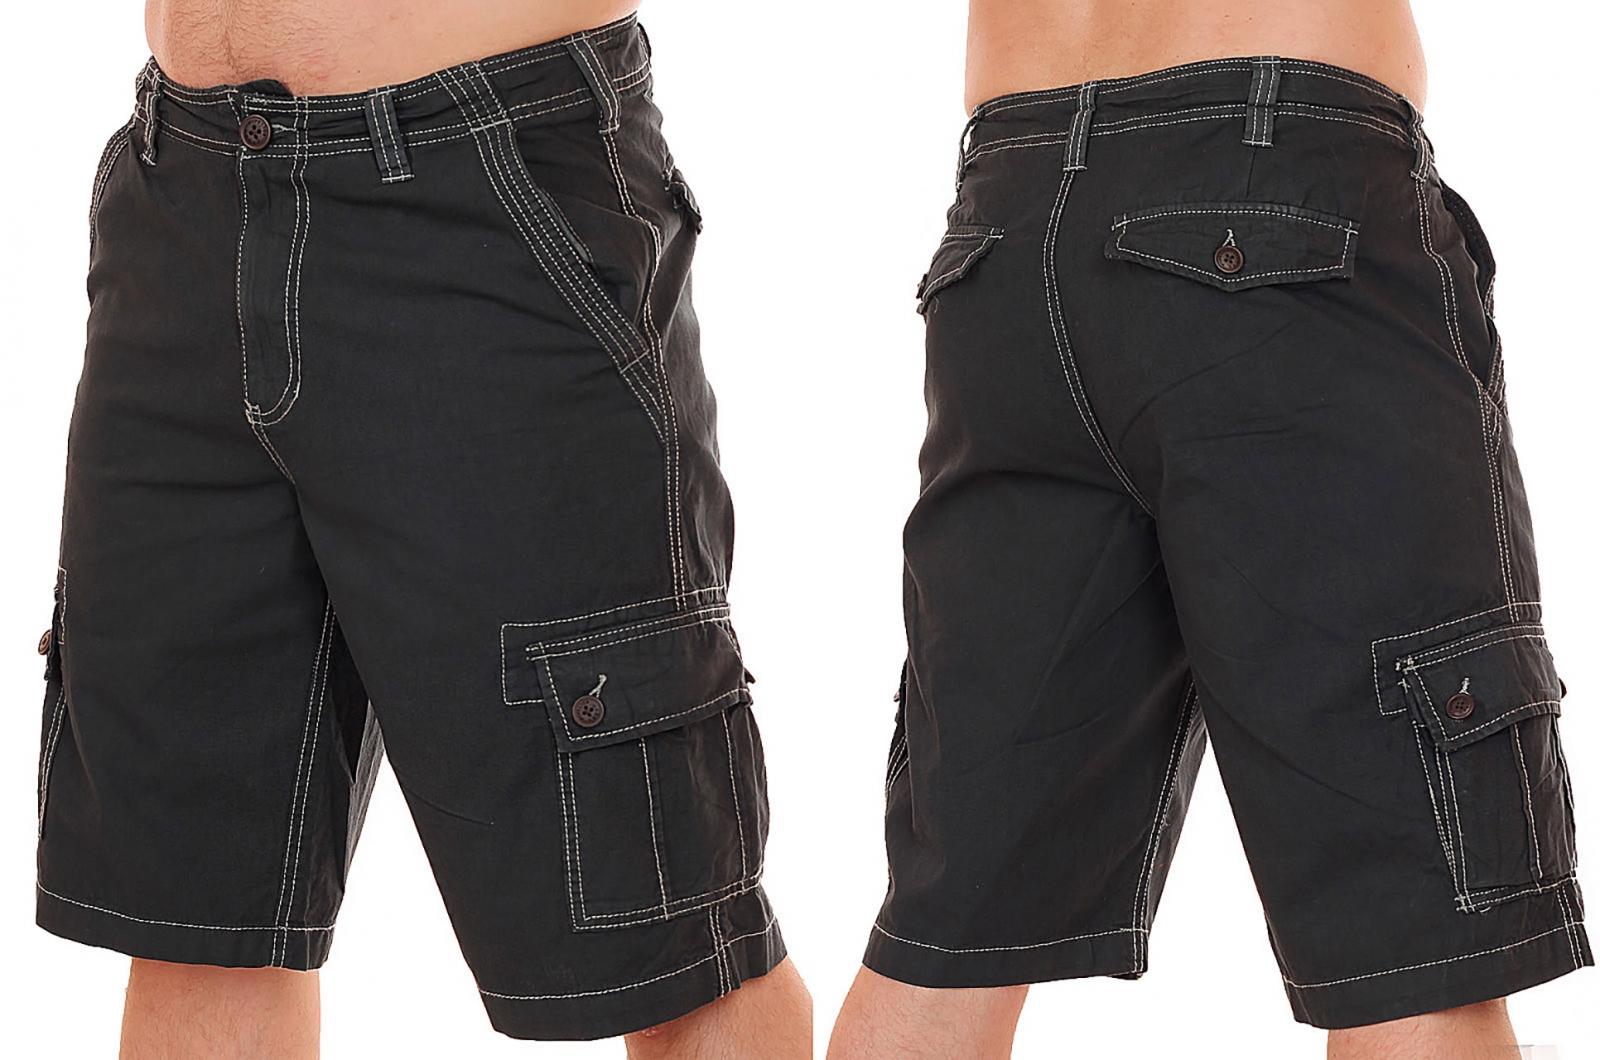 Заказать универсальные мужские шорты Карго от Urban